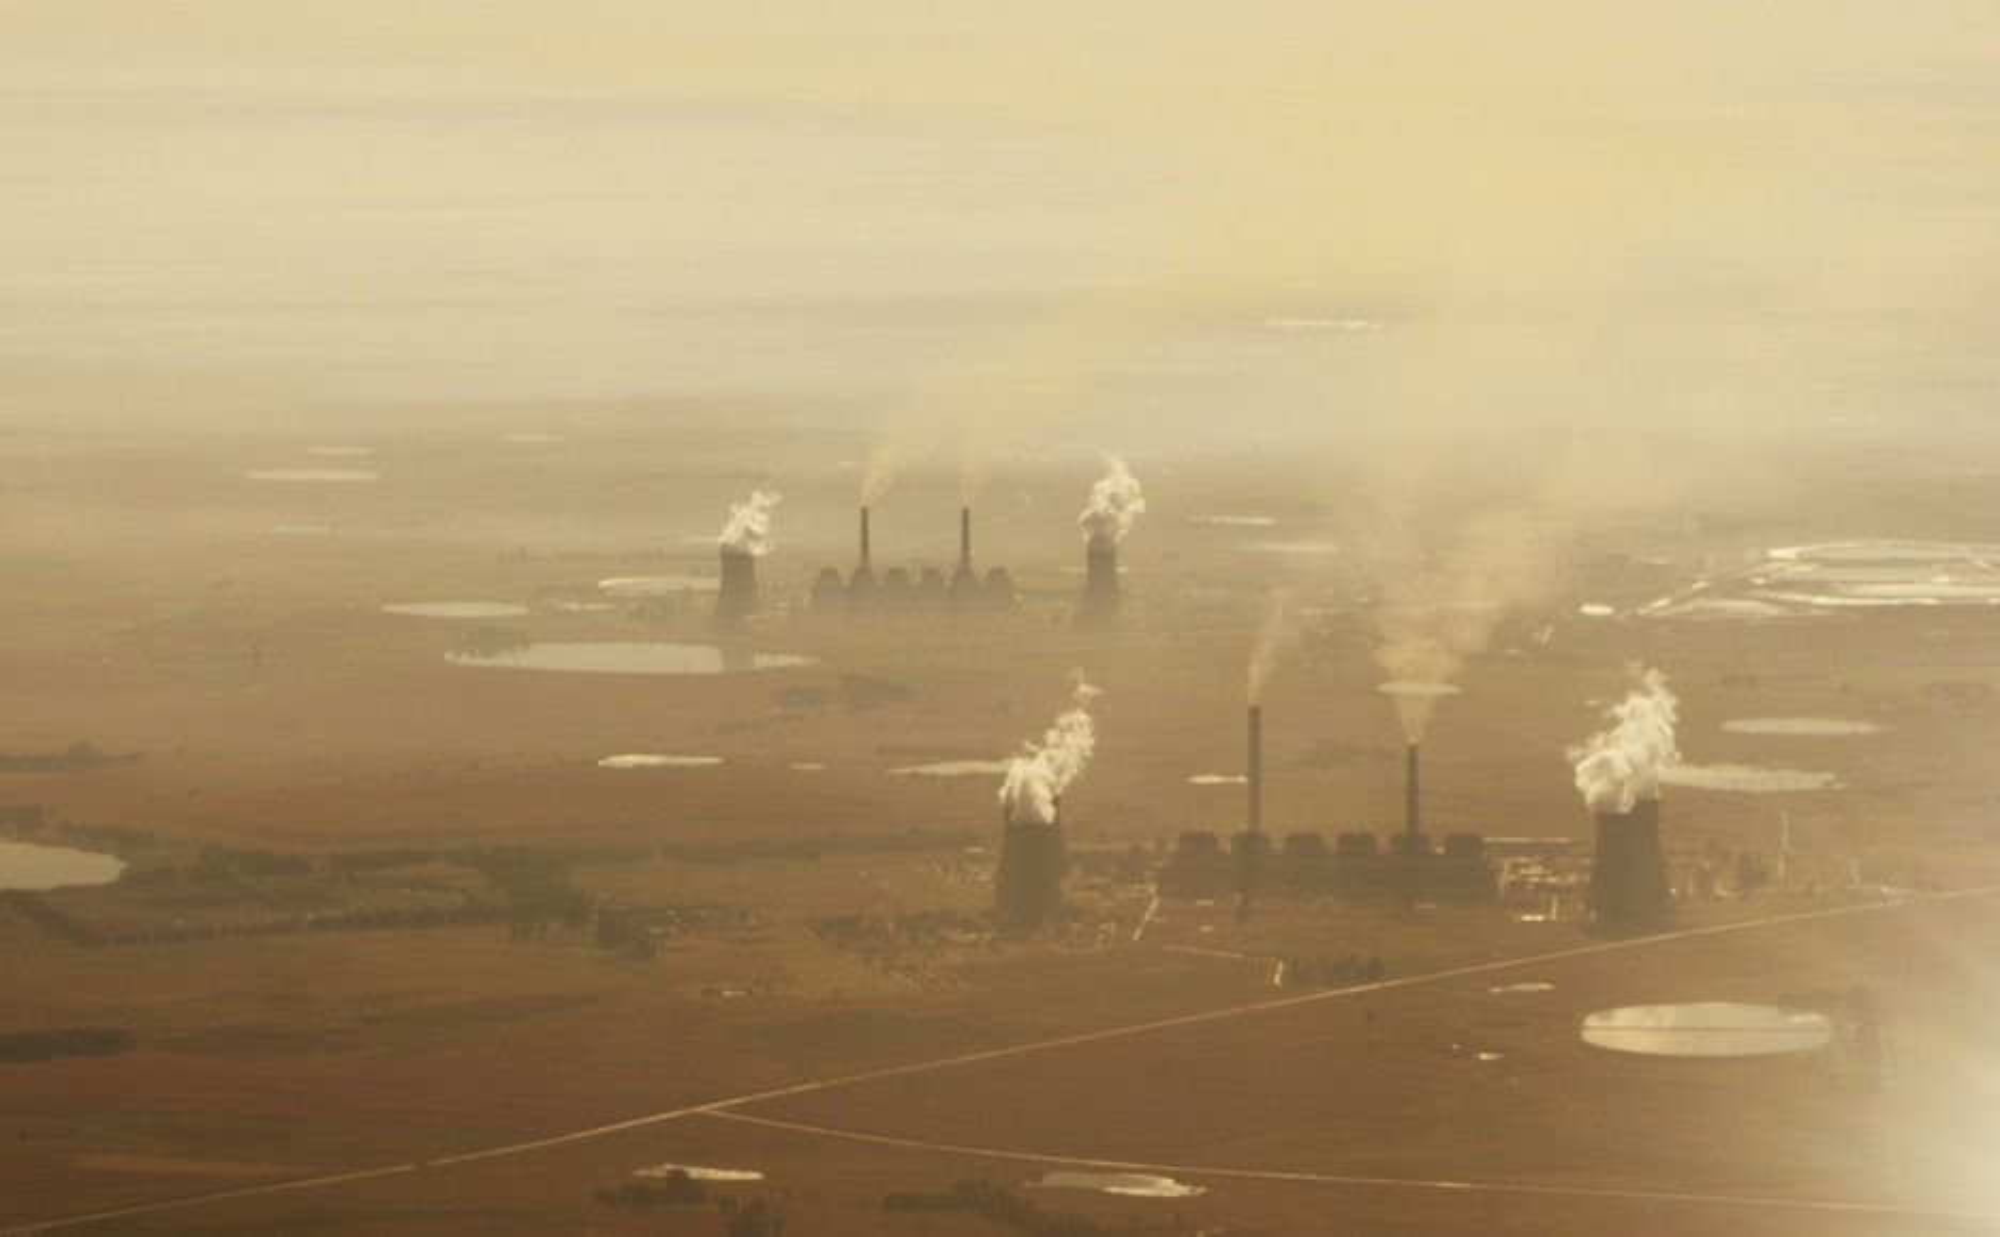 KUTTE: Sør-Afrika er det landet i Afrika med de største utslippene av klimagasser. Potensialet er stort for å kutte utslippene i utviklingsland, mener de fire aktørene.